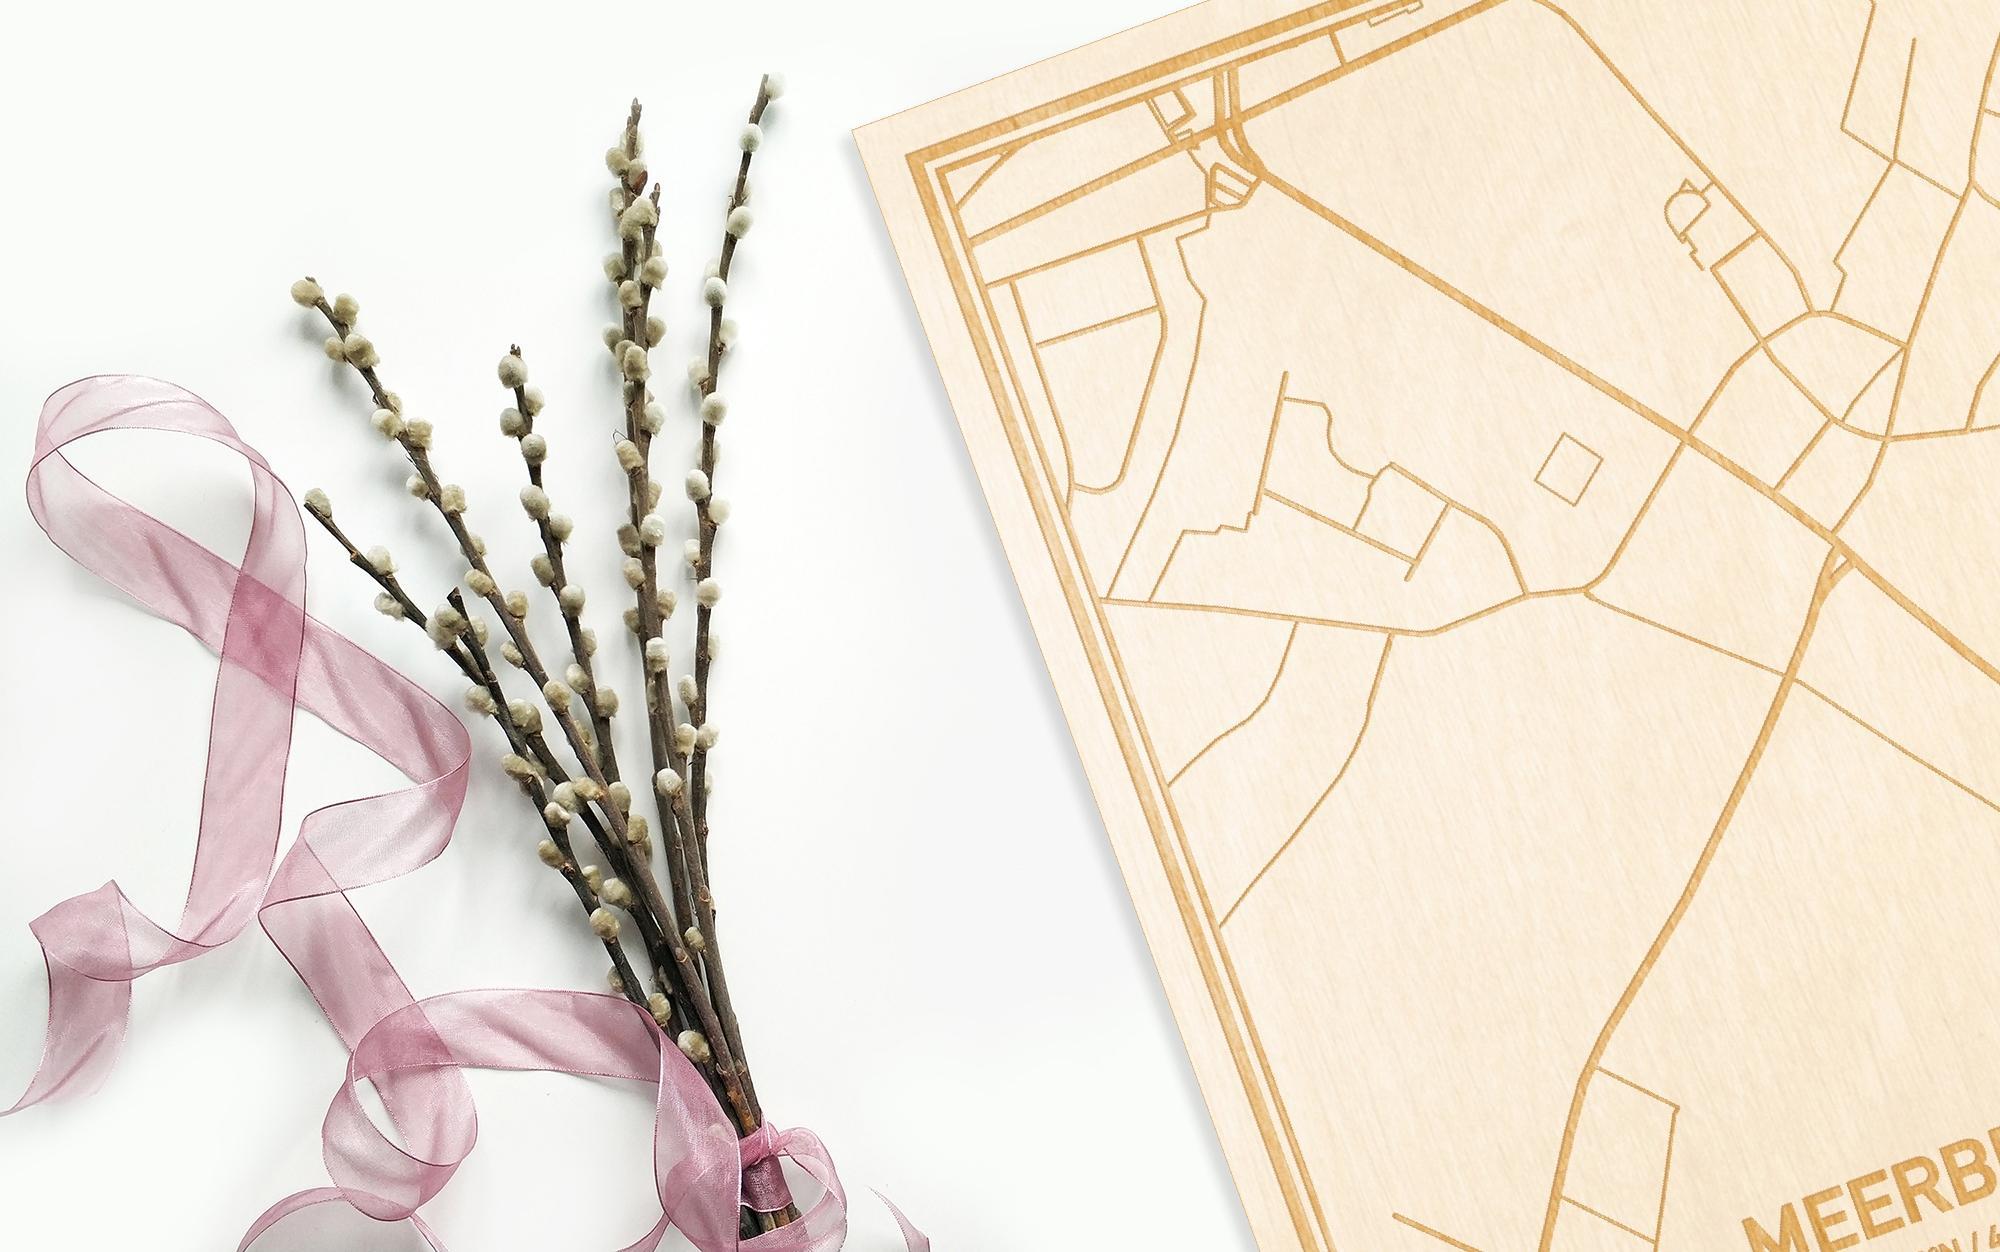 Hier ligt de houten plattegrond Meerbeke naast een bloemetje als gepersonaliseerd cadeau voor haar.